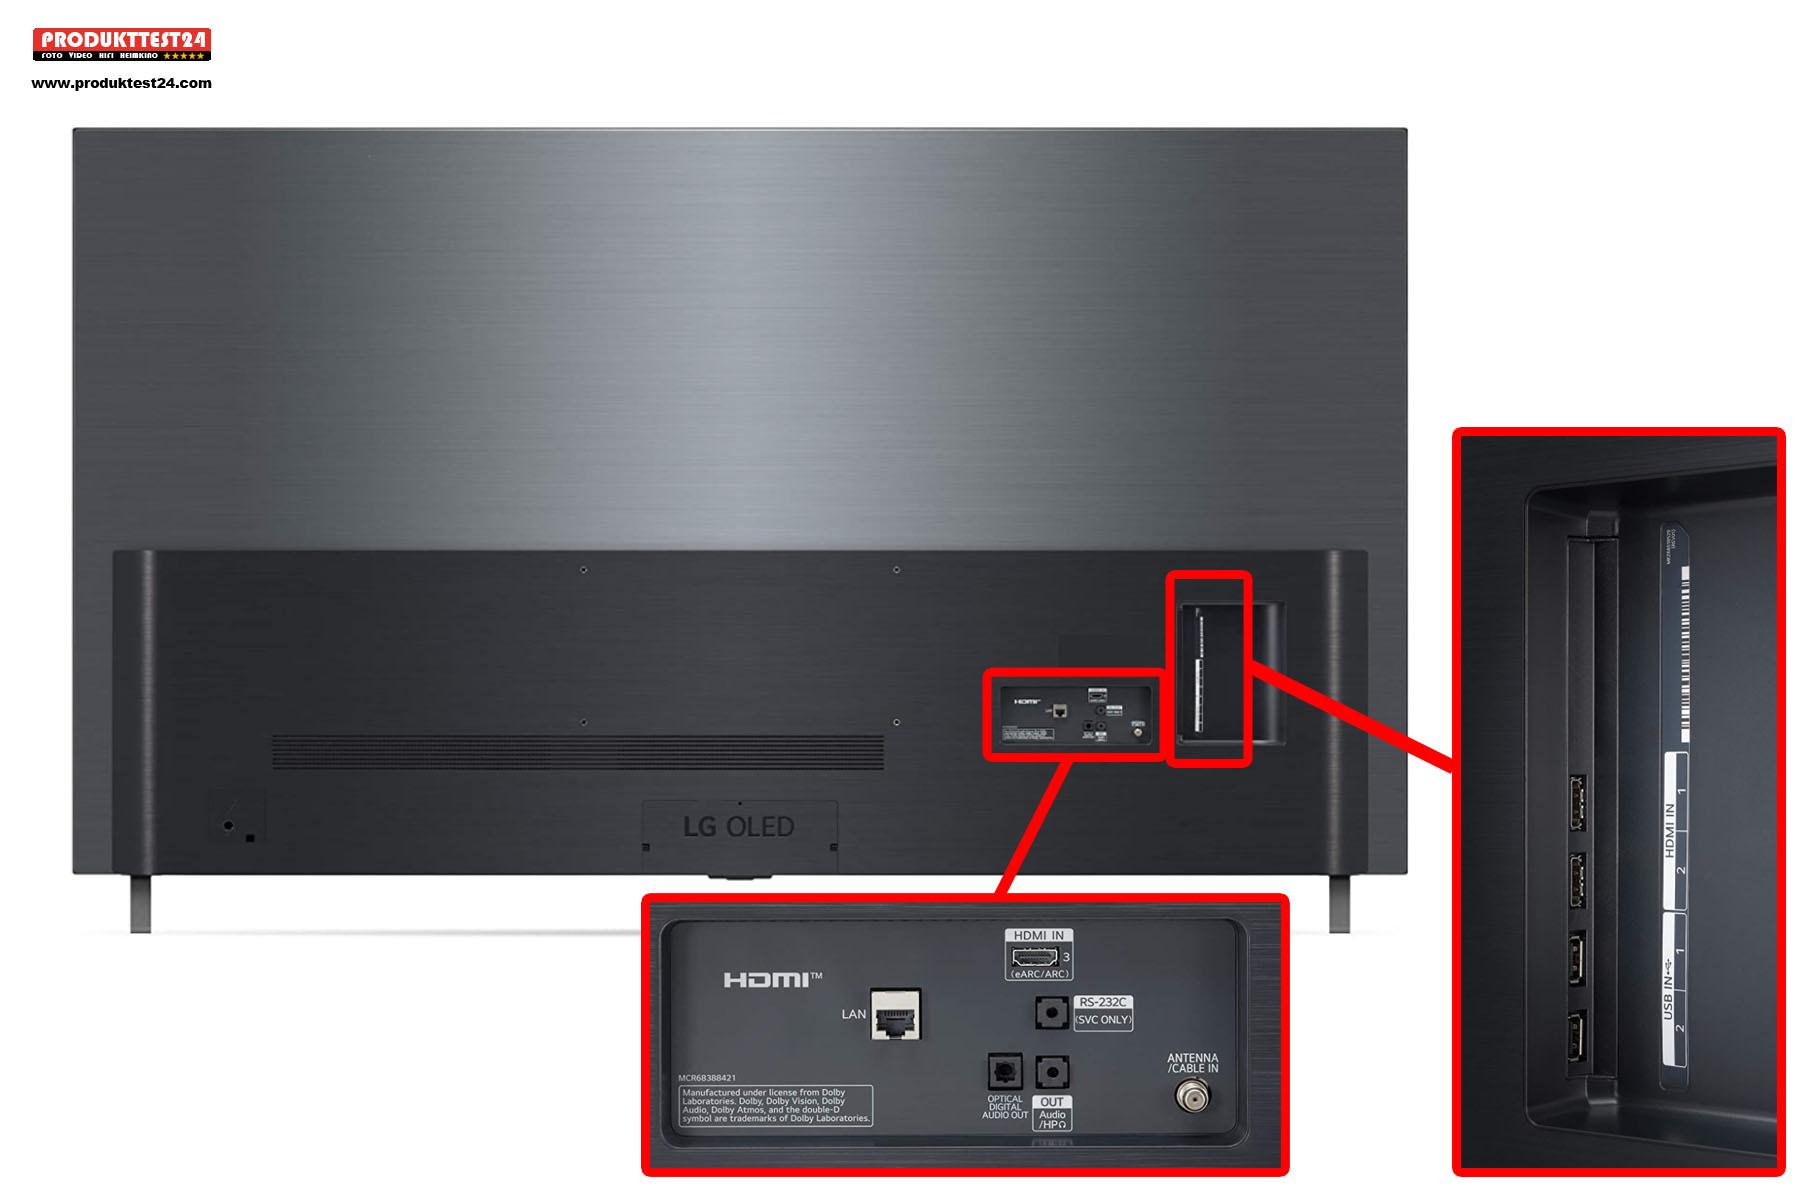 Nur 3 HDMI Ports und 1 USB Anschluss